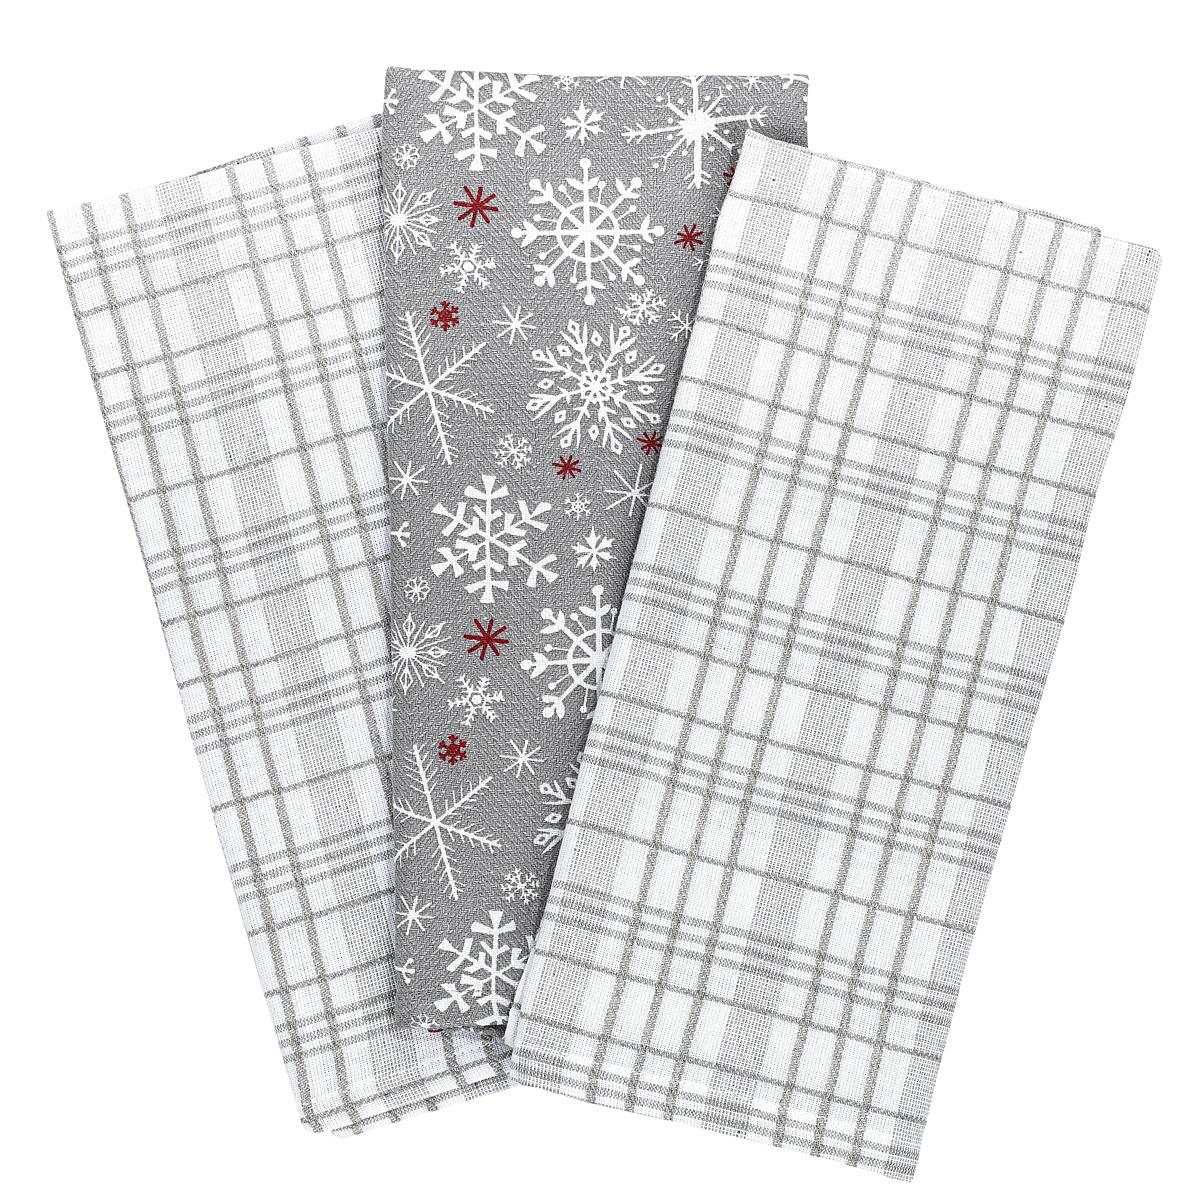 Forbyt Vánoční kuchyňská utěrka Vločka šedá, 45 x 70 cm, sada 3 ks